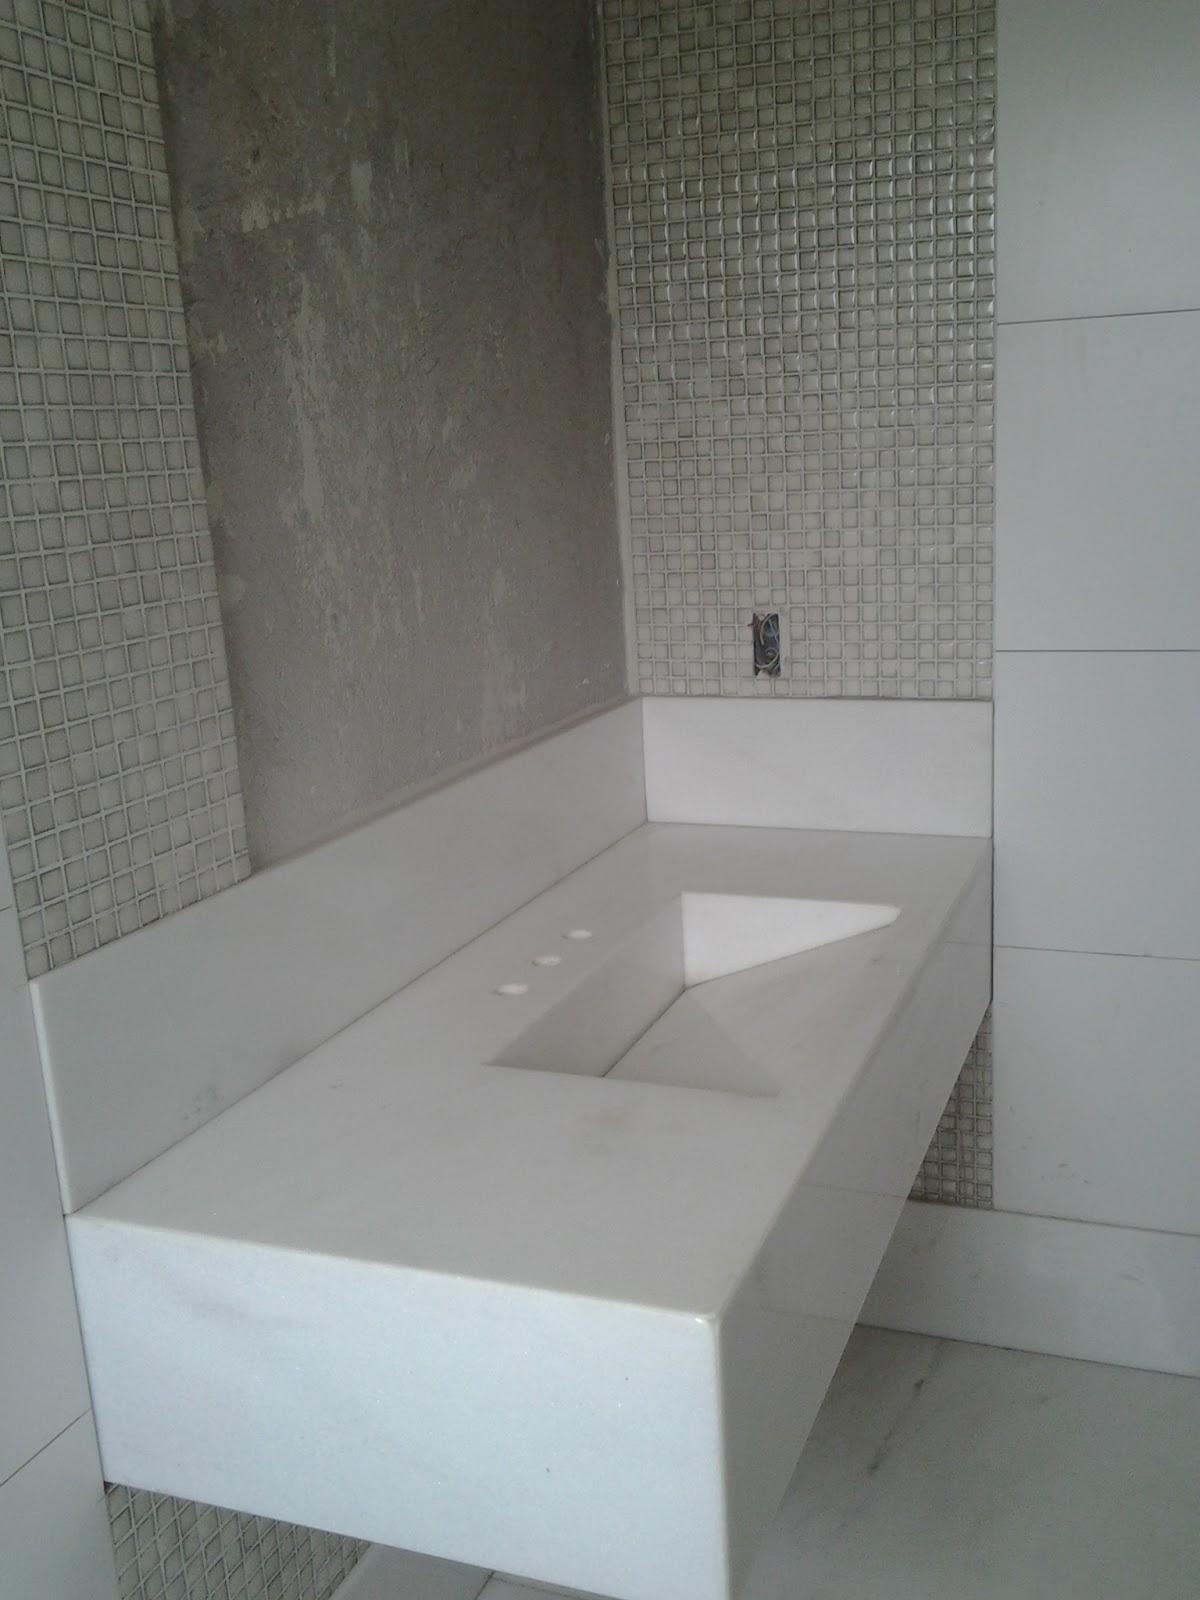 bancada é em mármore branco clássico com dois bojos esculpidos na  #566B75 1200x1600 Bancada Banheiro Marmore Branco